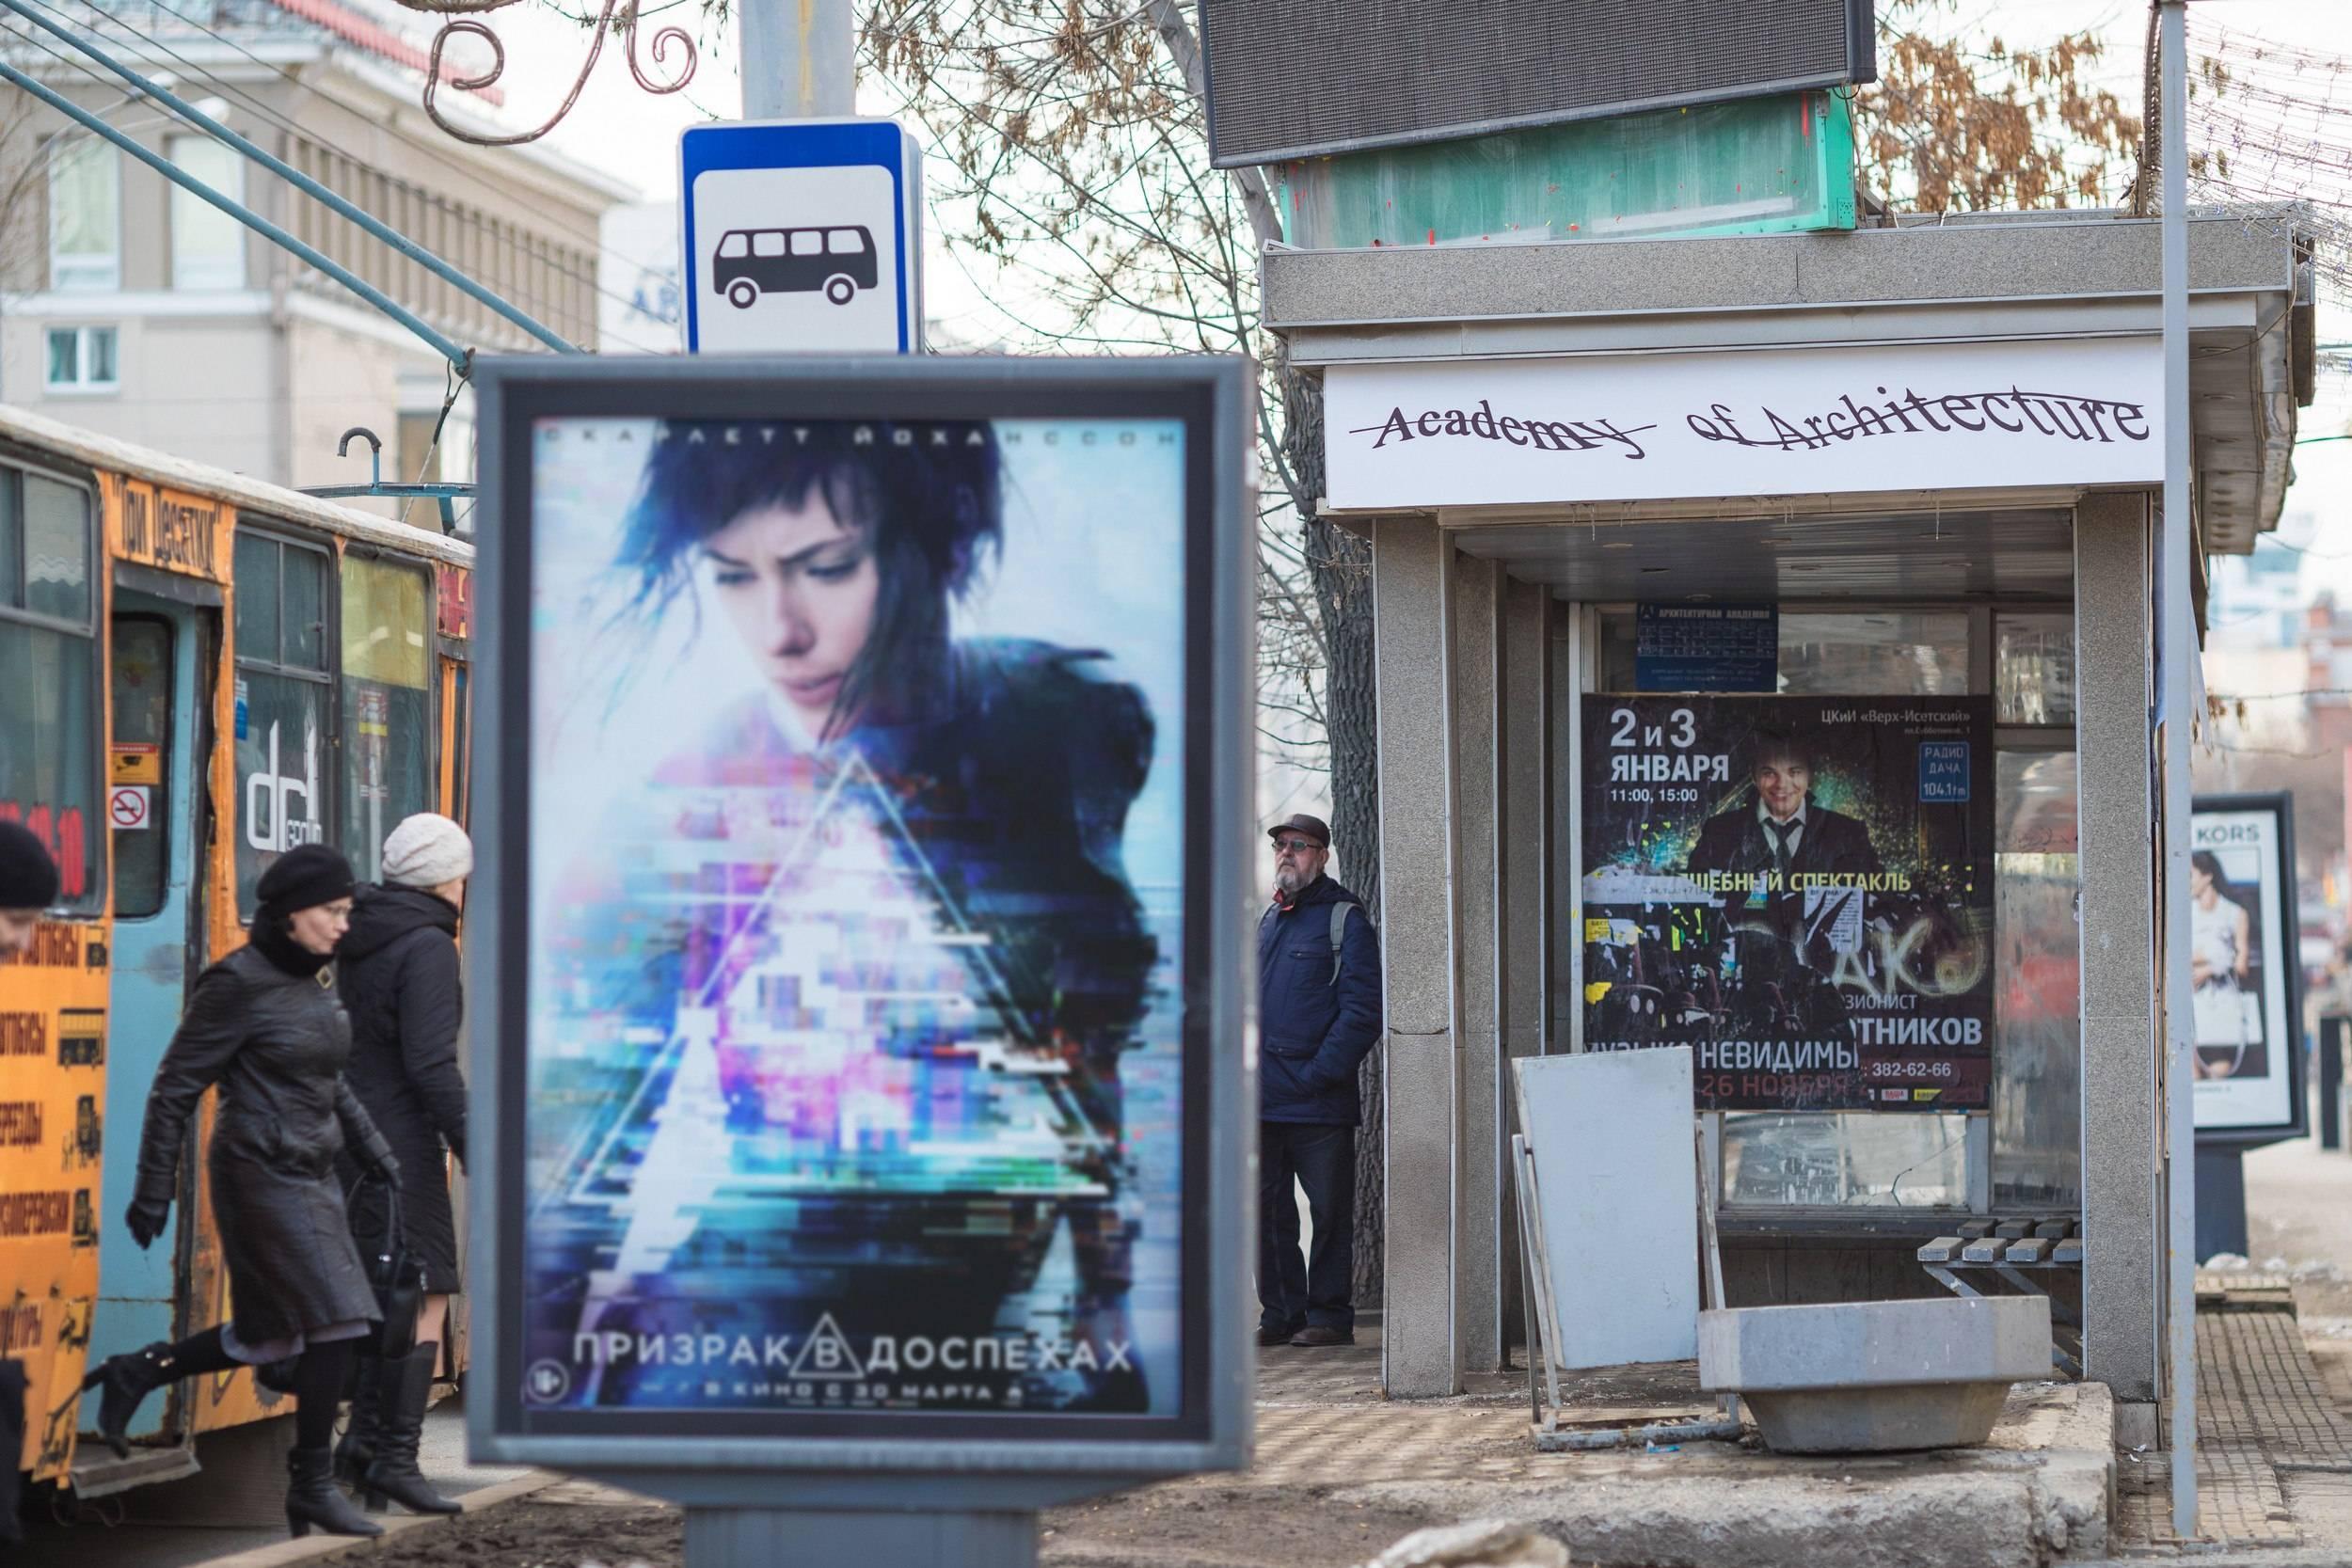 В центре Екатеринбурга вывески заменили «капчей» для отсеивания роботов 6